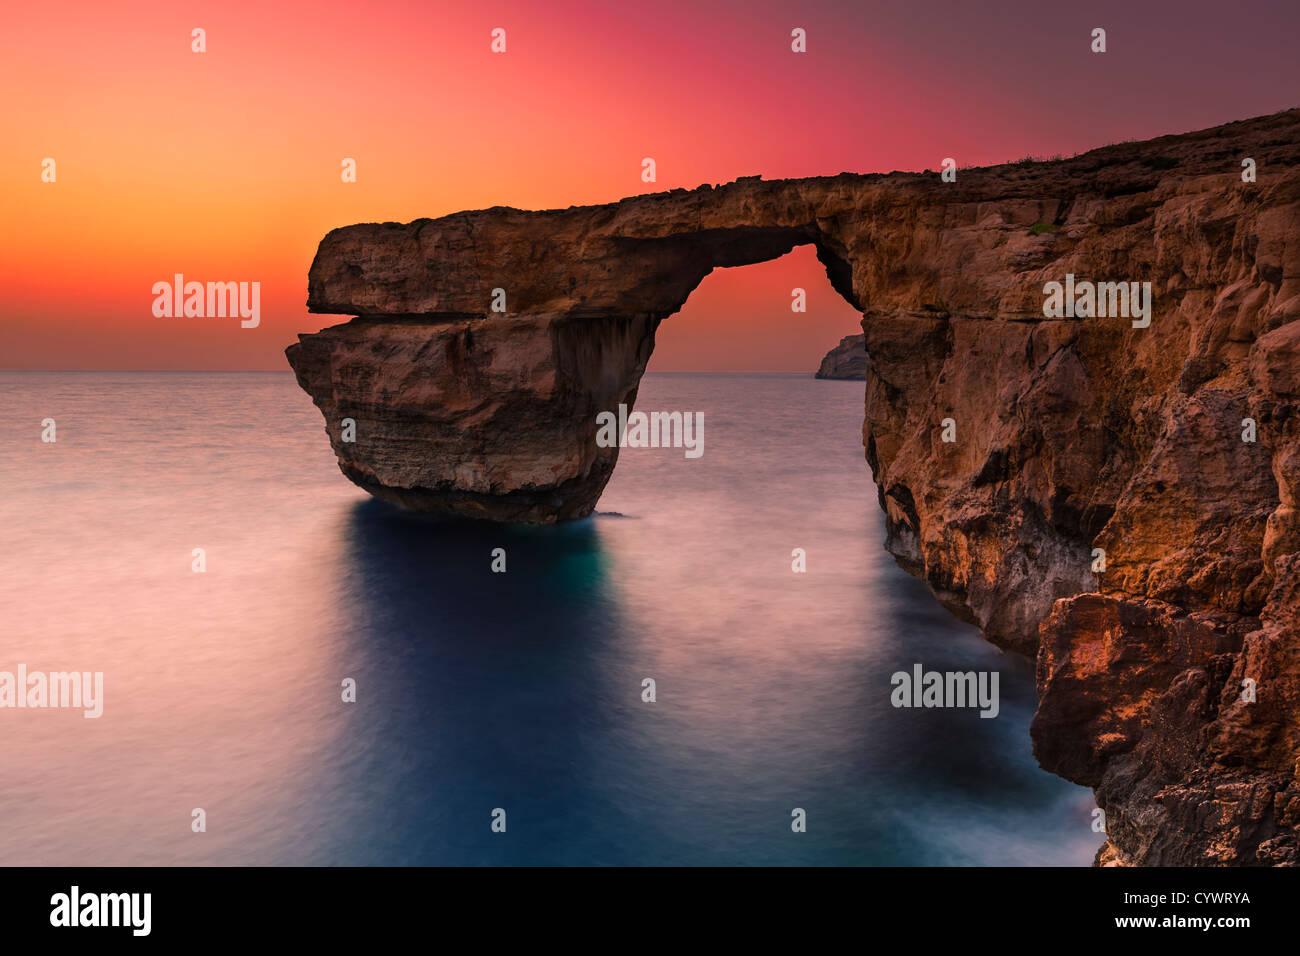 La ventana azul en la costa de la isla de Malta Gozo Imagen De Stock